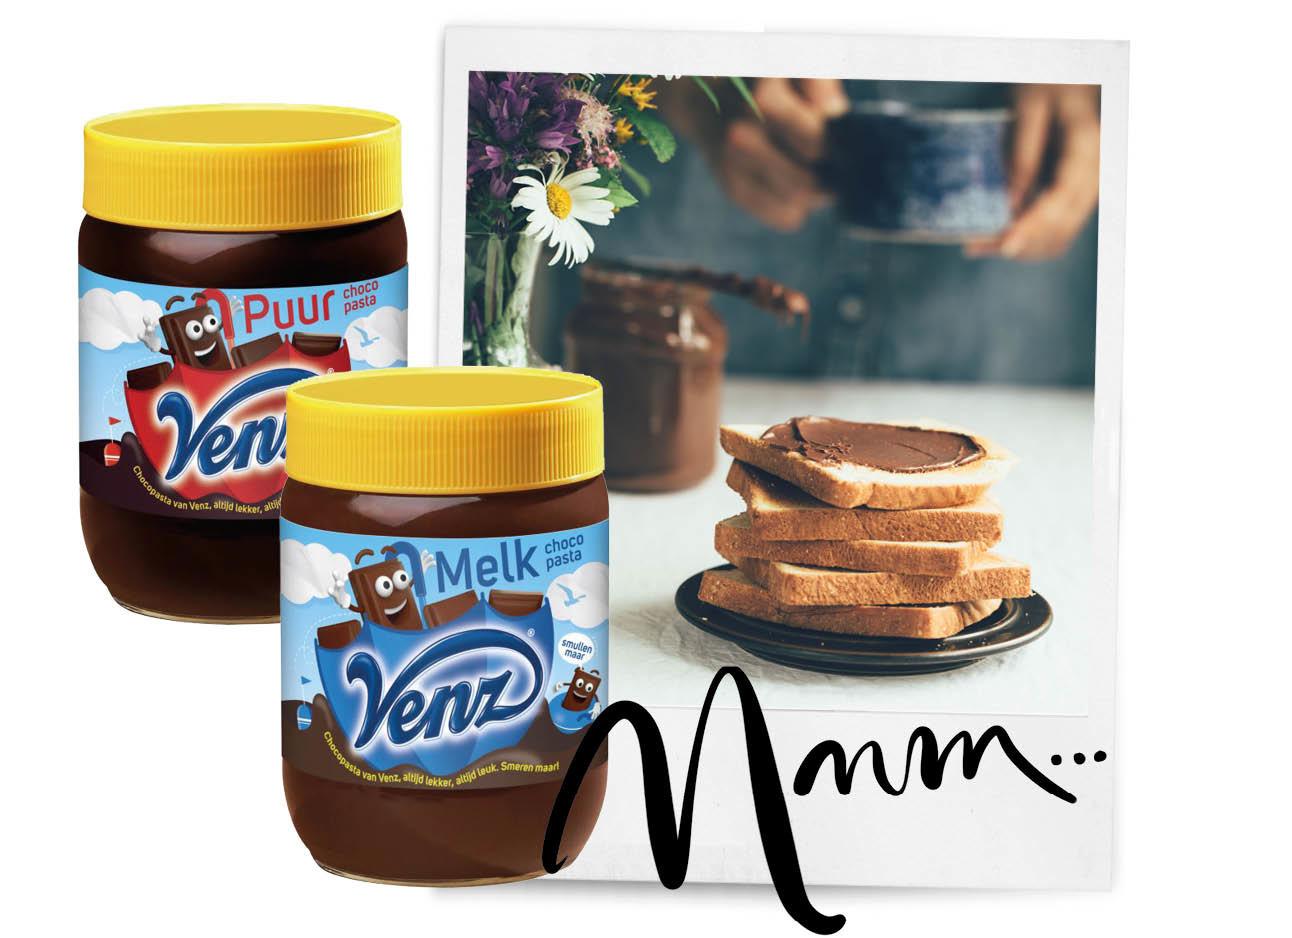 chocolade pasta van Venz boterham met chocoladepasta puur en melk